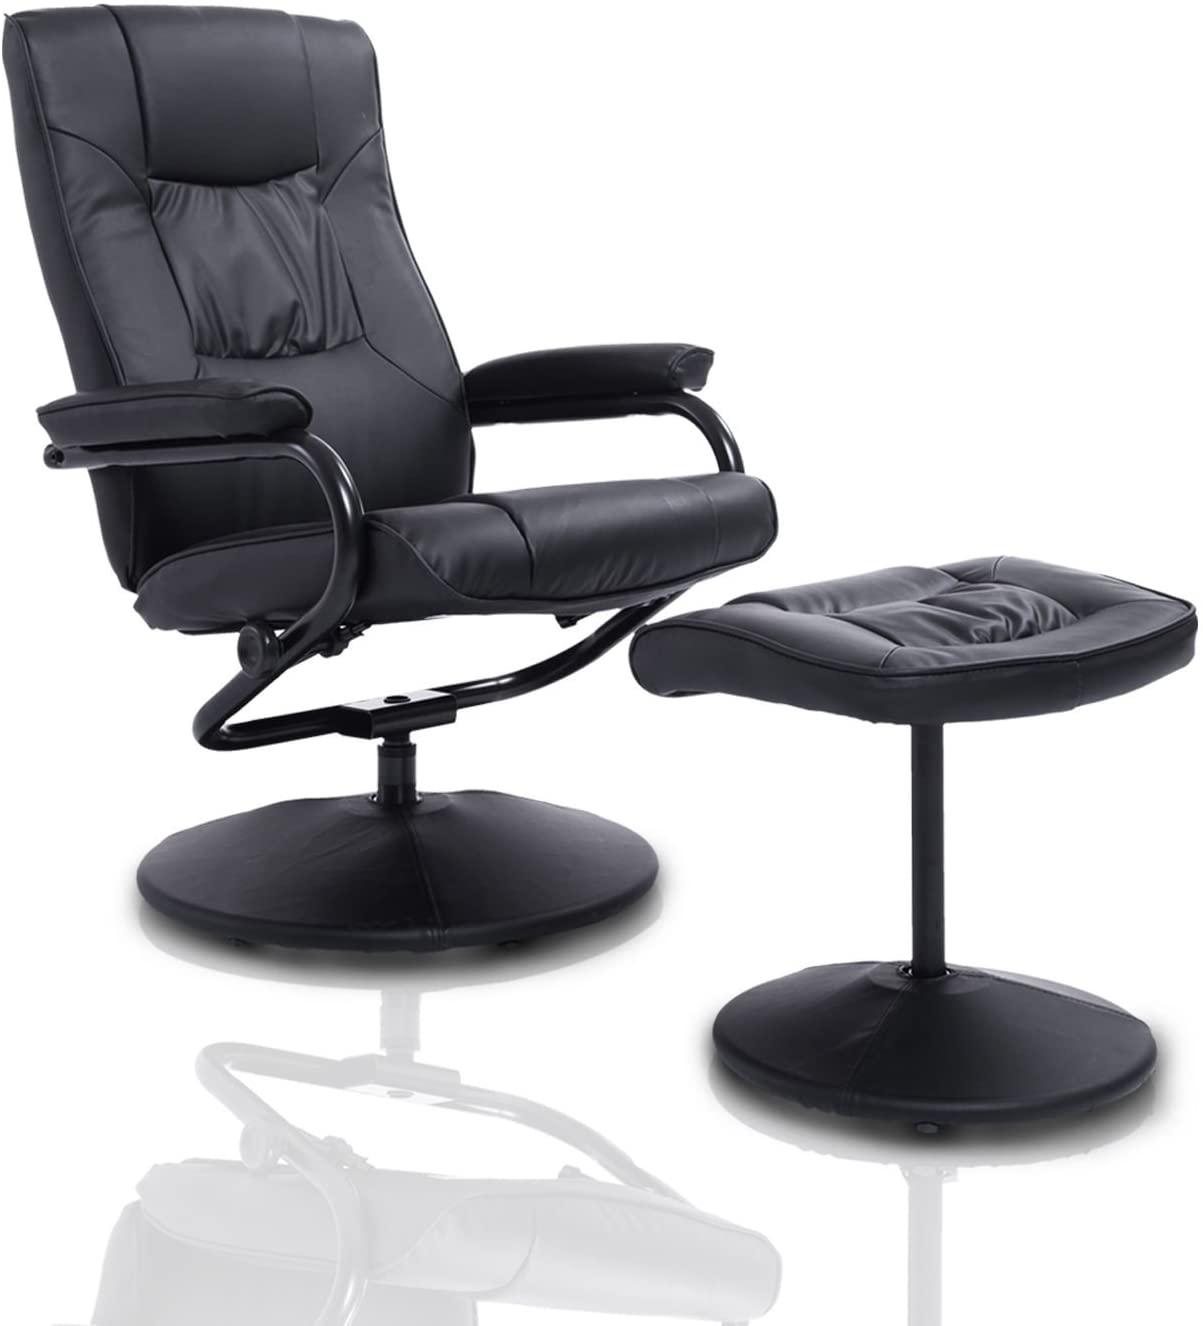 Homcom Ergonomic Faux Leather Lounge 833-029BK